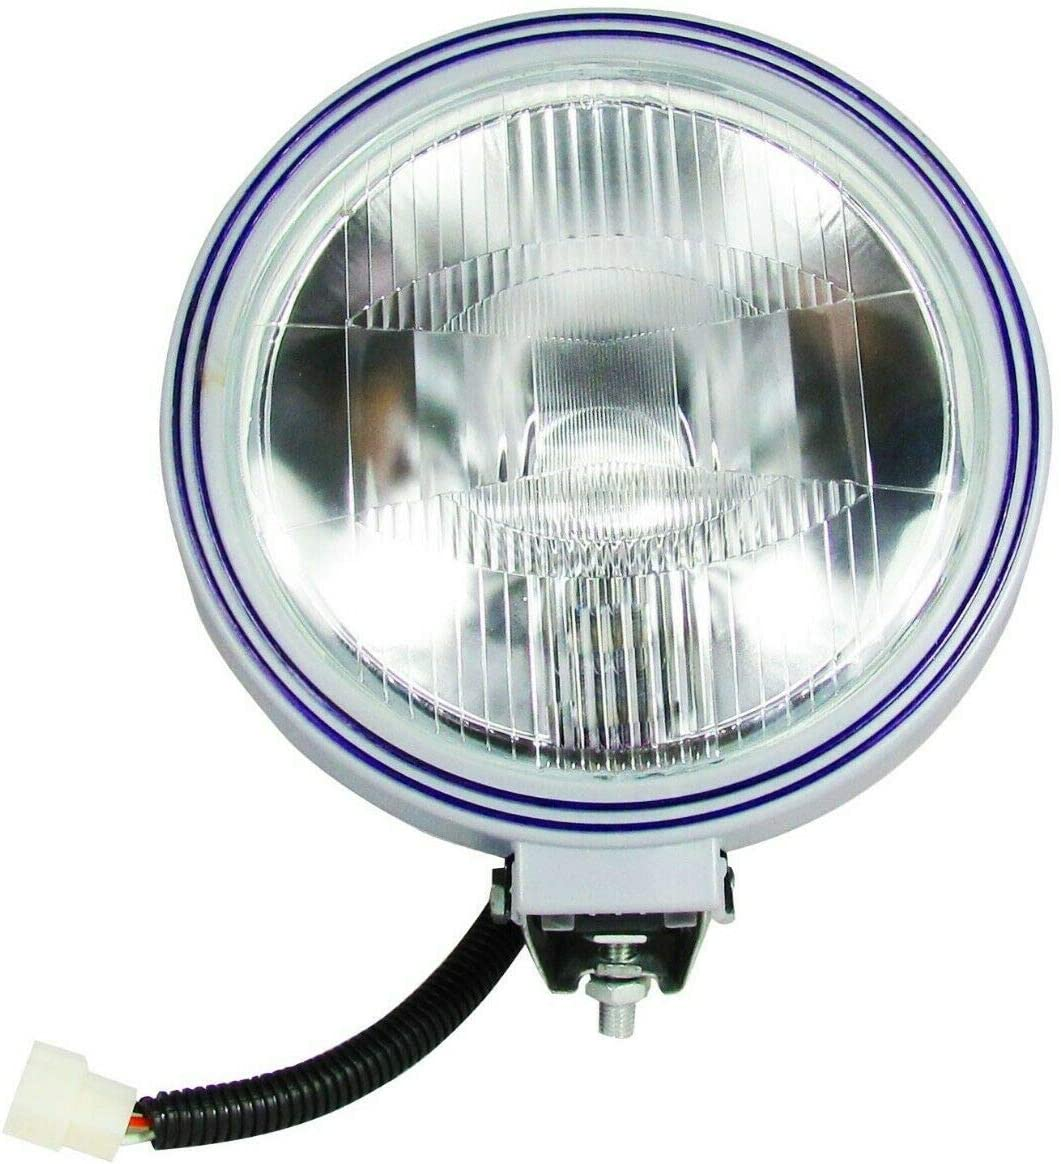 1 St/ück rund Blau schmal 22,9 cm flexzon Nebelscheinwerfer 24 V